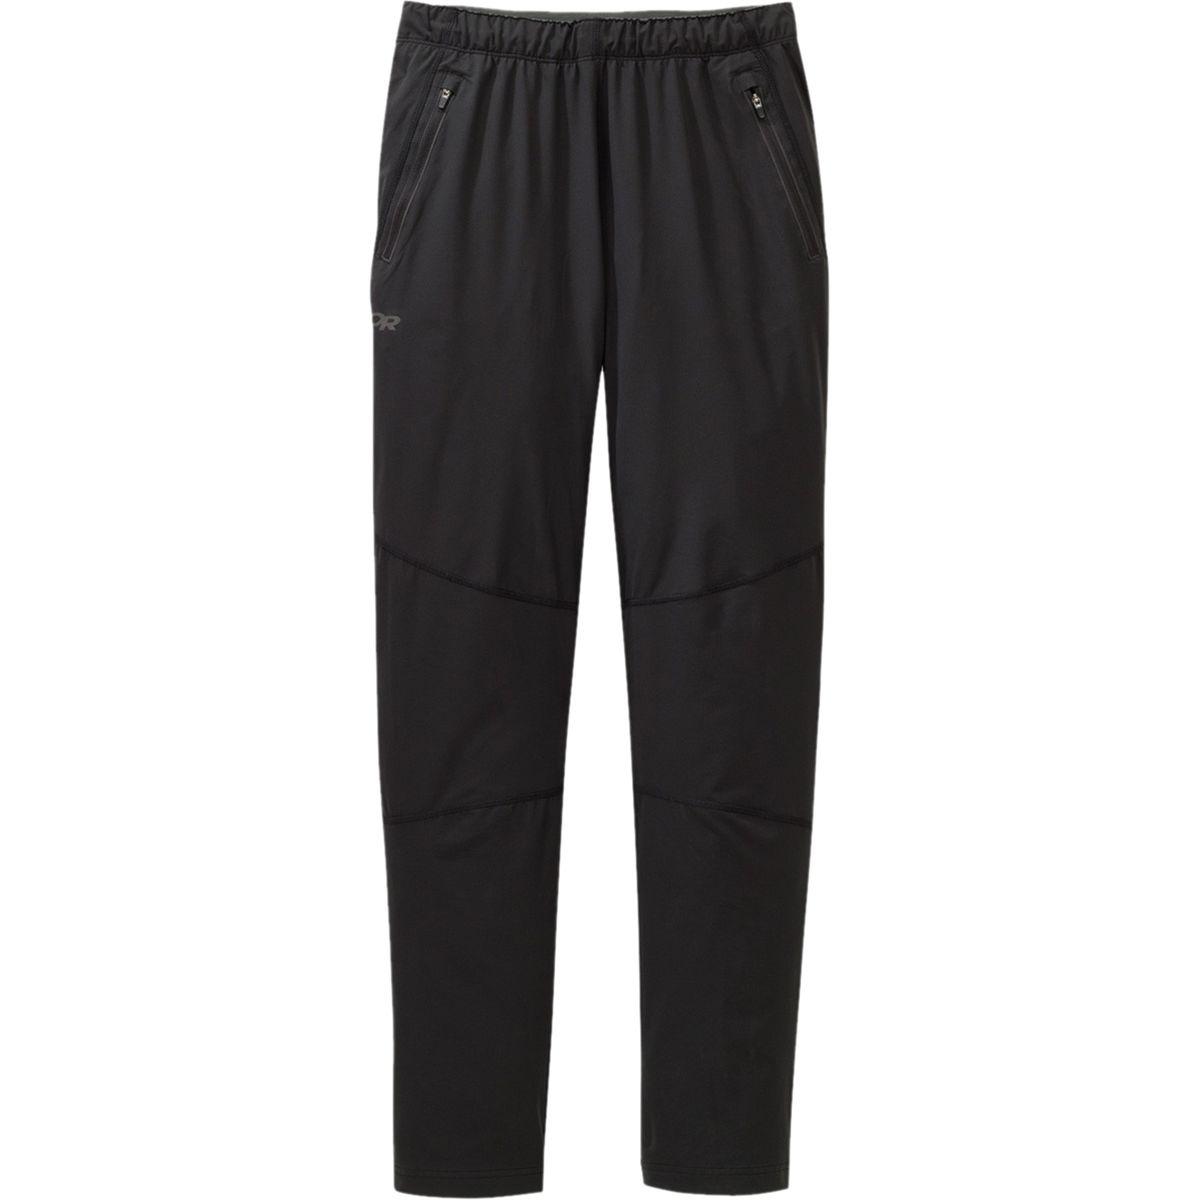 Outdoor Research Hijinx Pants